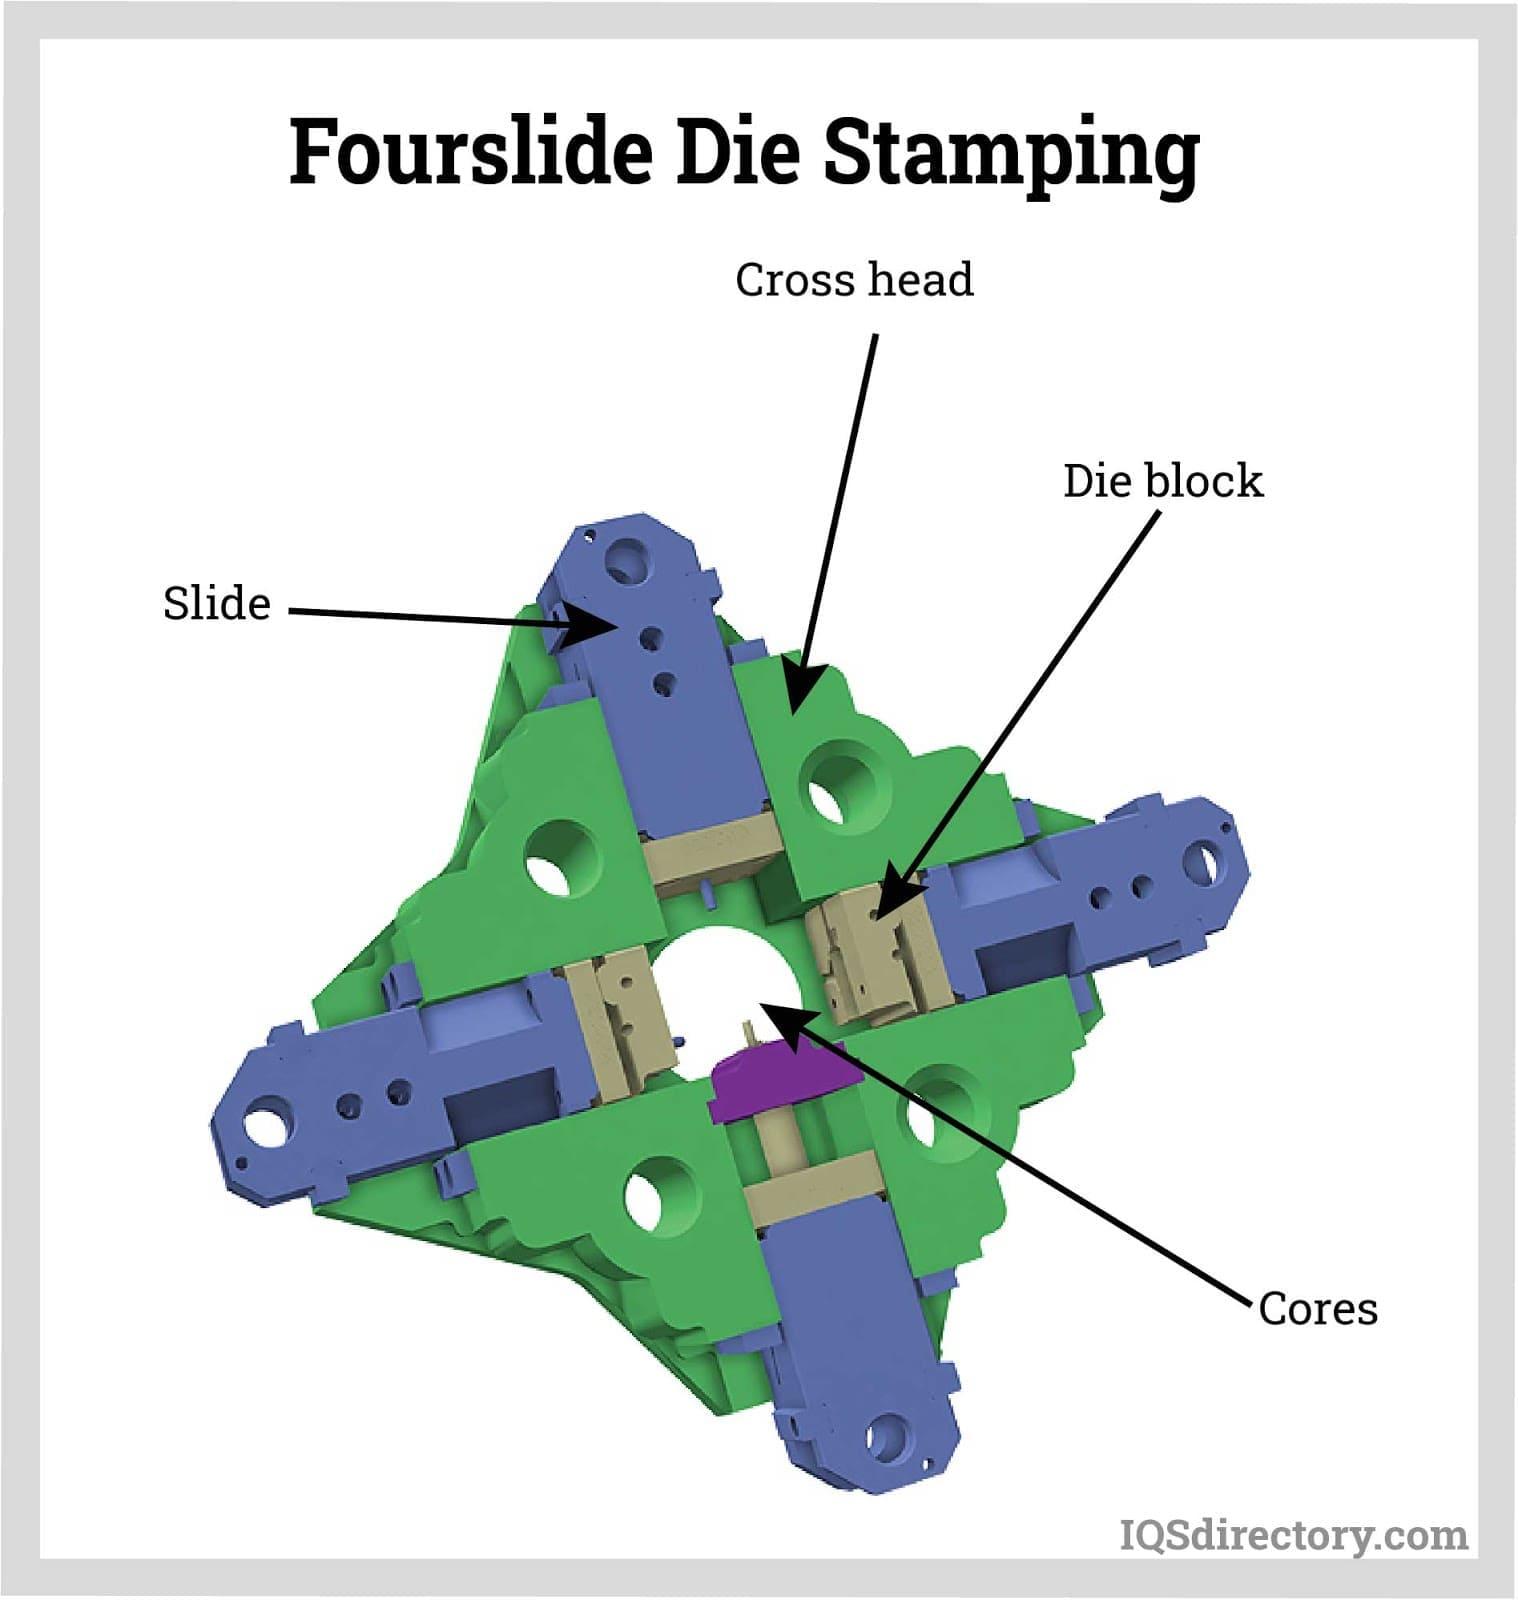 Fourslide Die Stamping